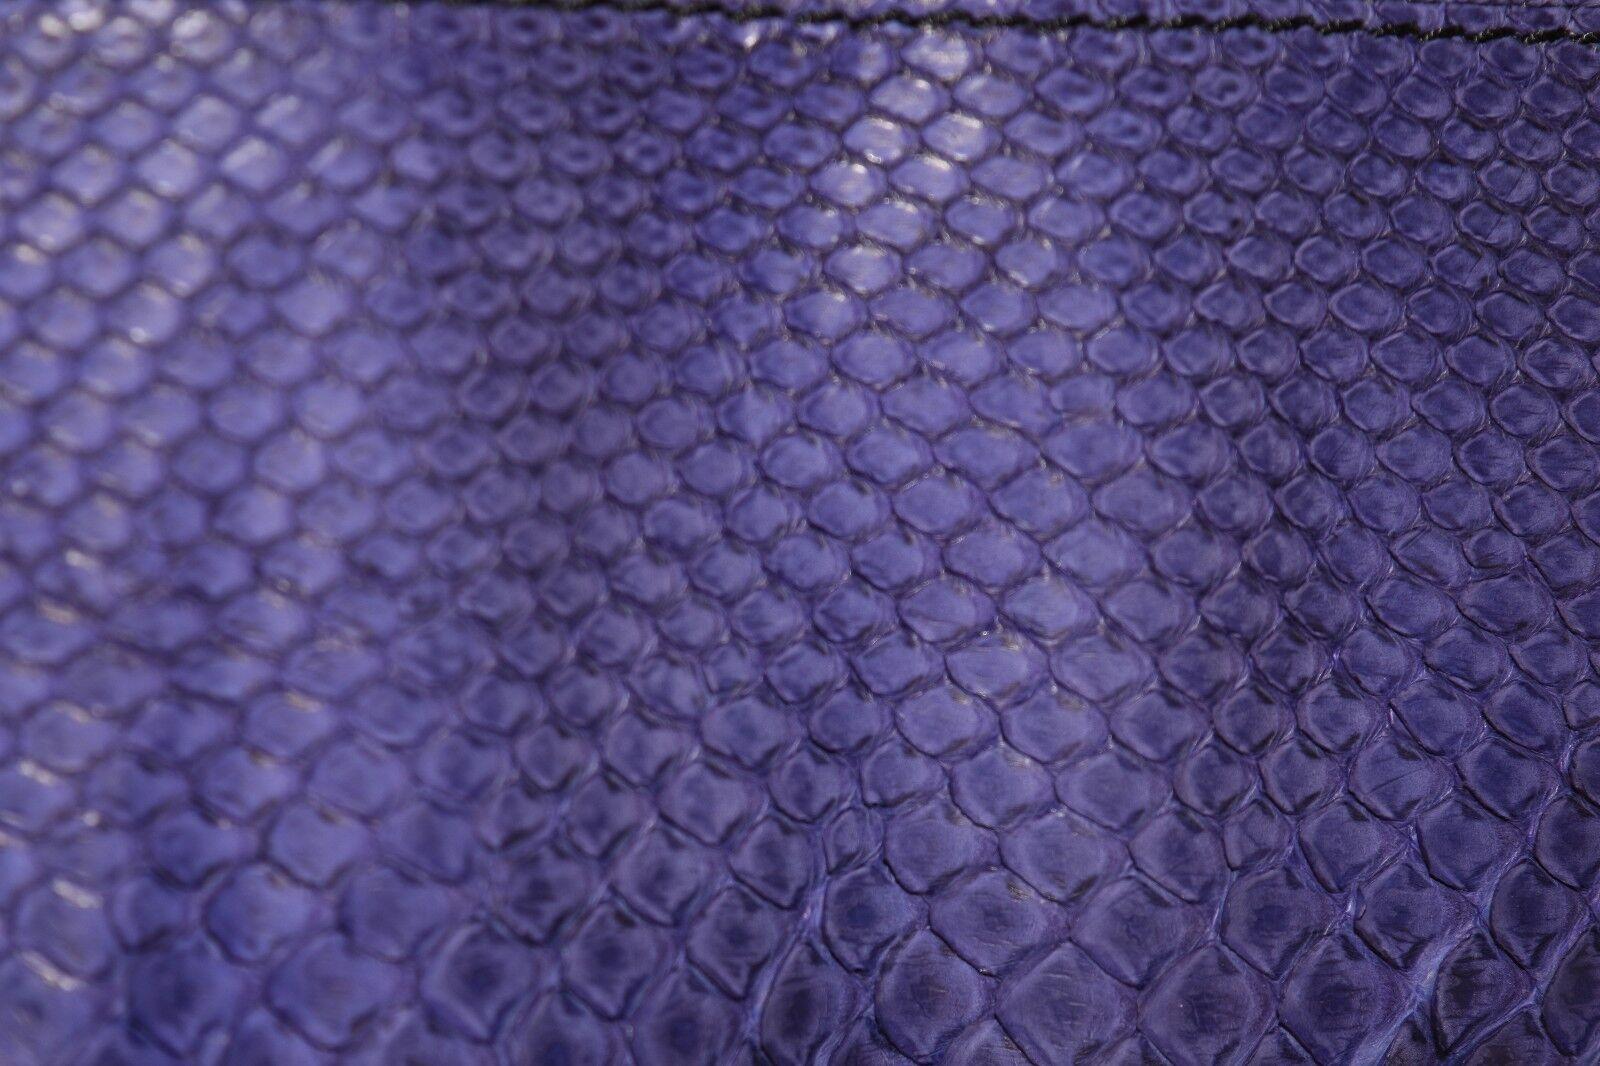 Neu Vbh Nomade African lila Tinte Python Python Python Veloursleder Schultertasche | Authentische Garantie  | Verwendet in der Haltbarkeit  | Großartig  479692